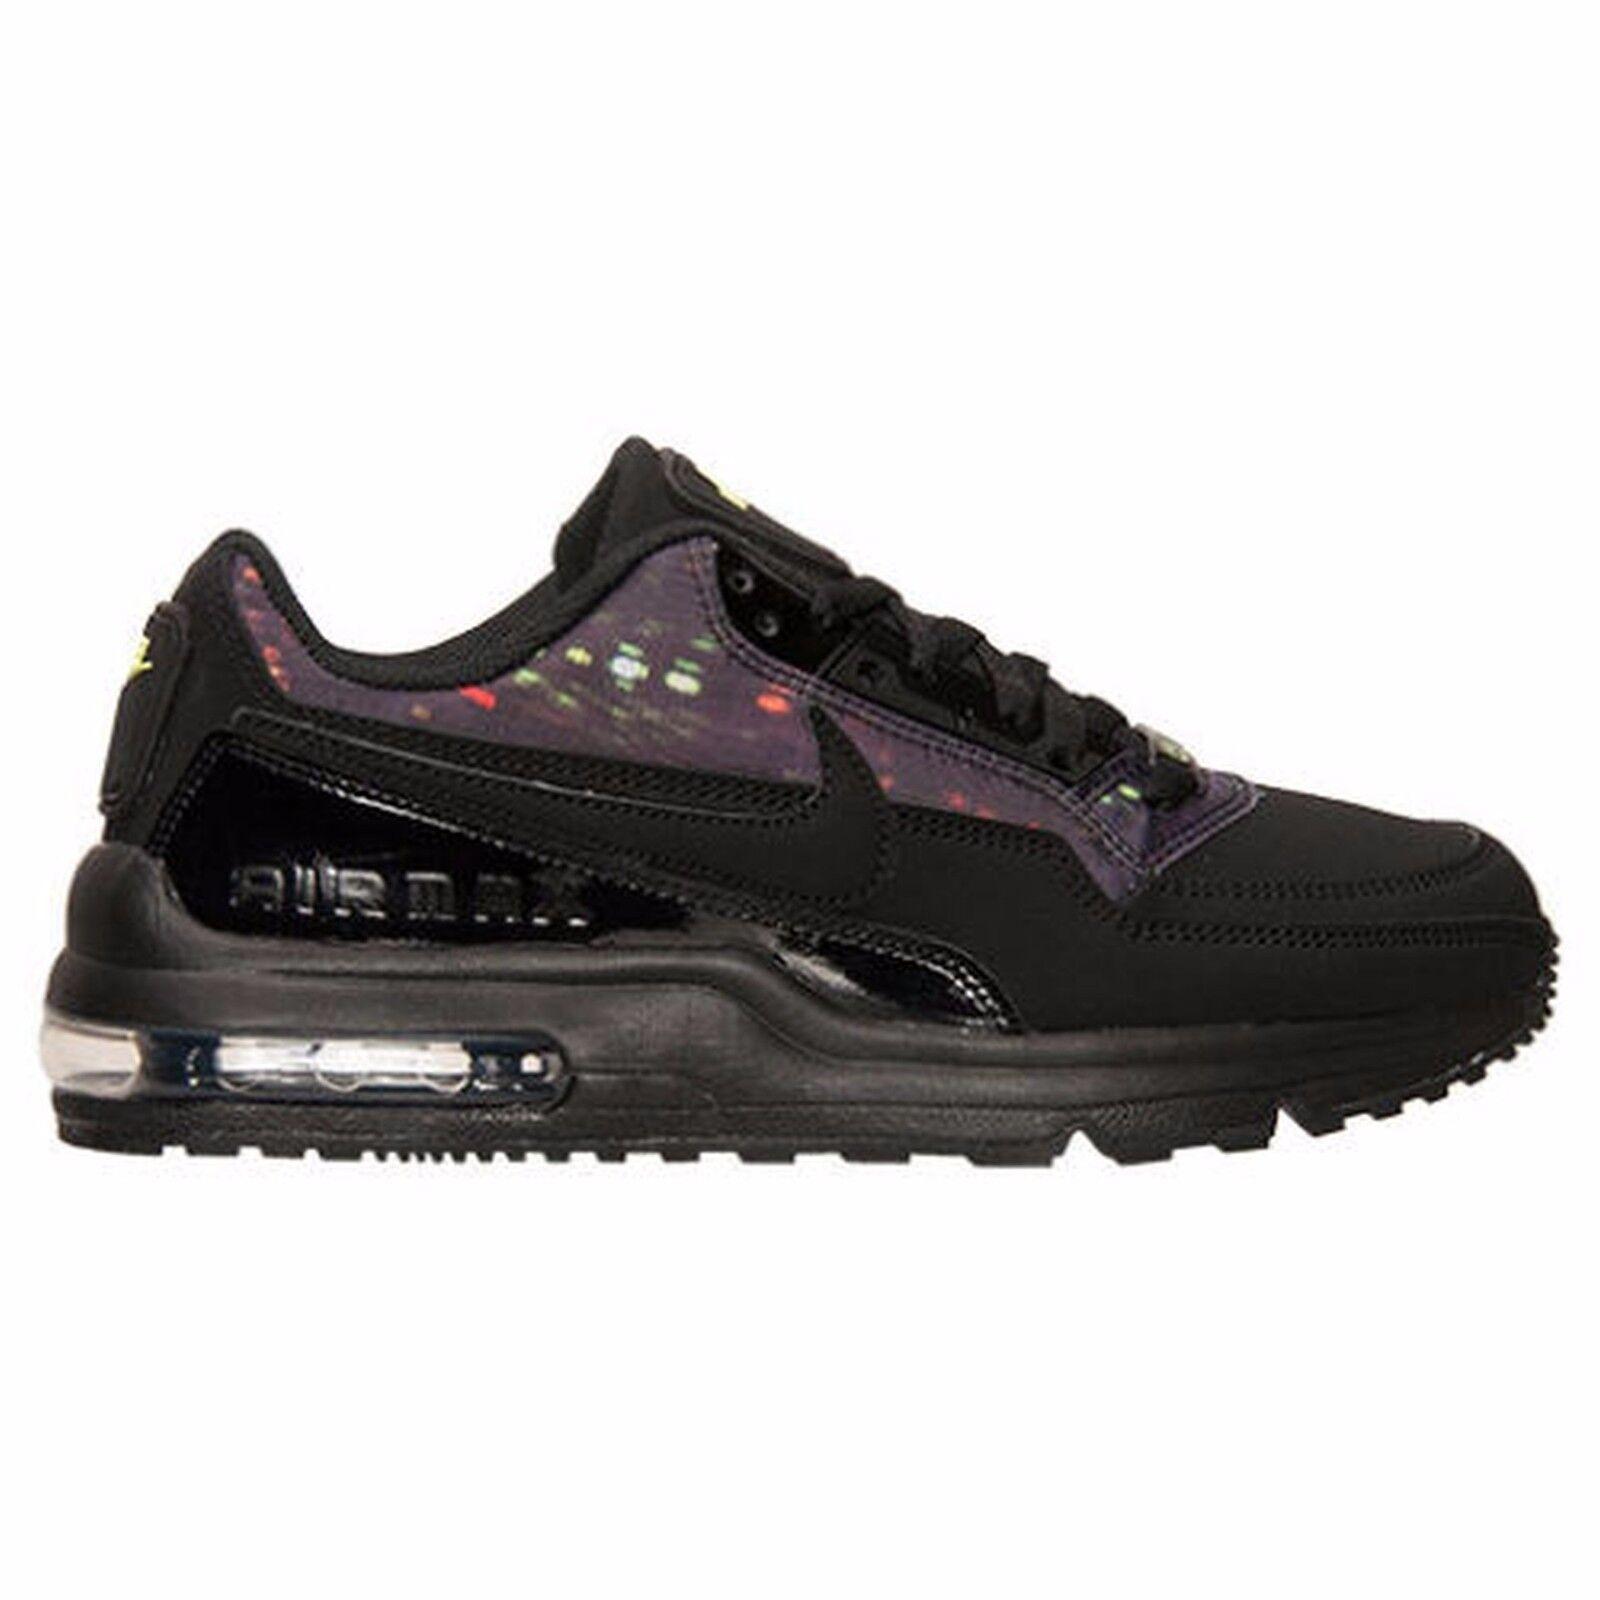 Nike air max ltd 3 prem nero / grigio scuro delle scarpe da corsa 695484 007 Uomo sz